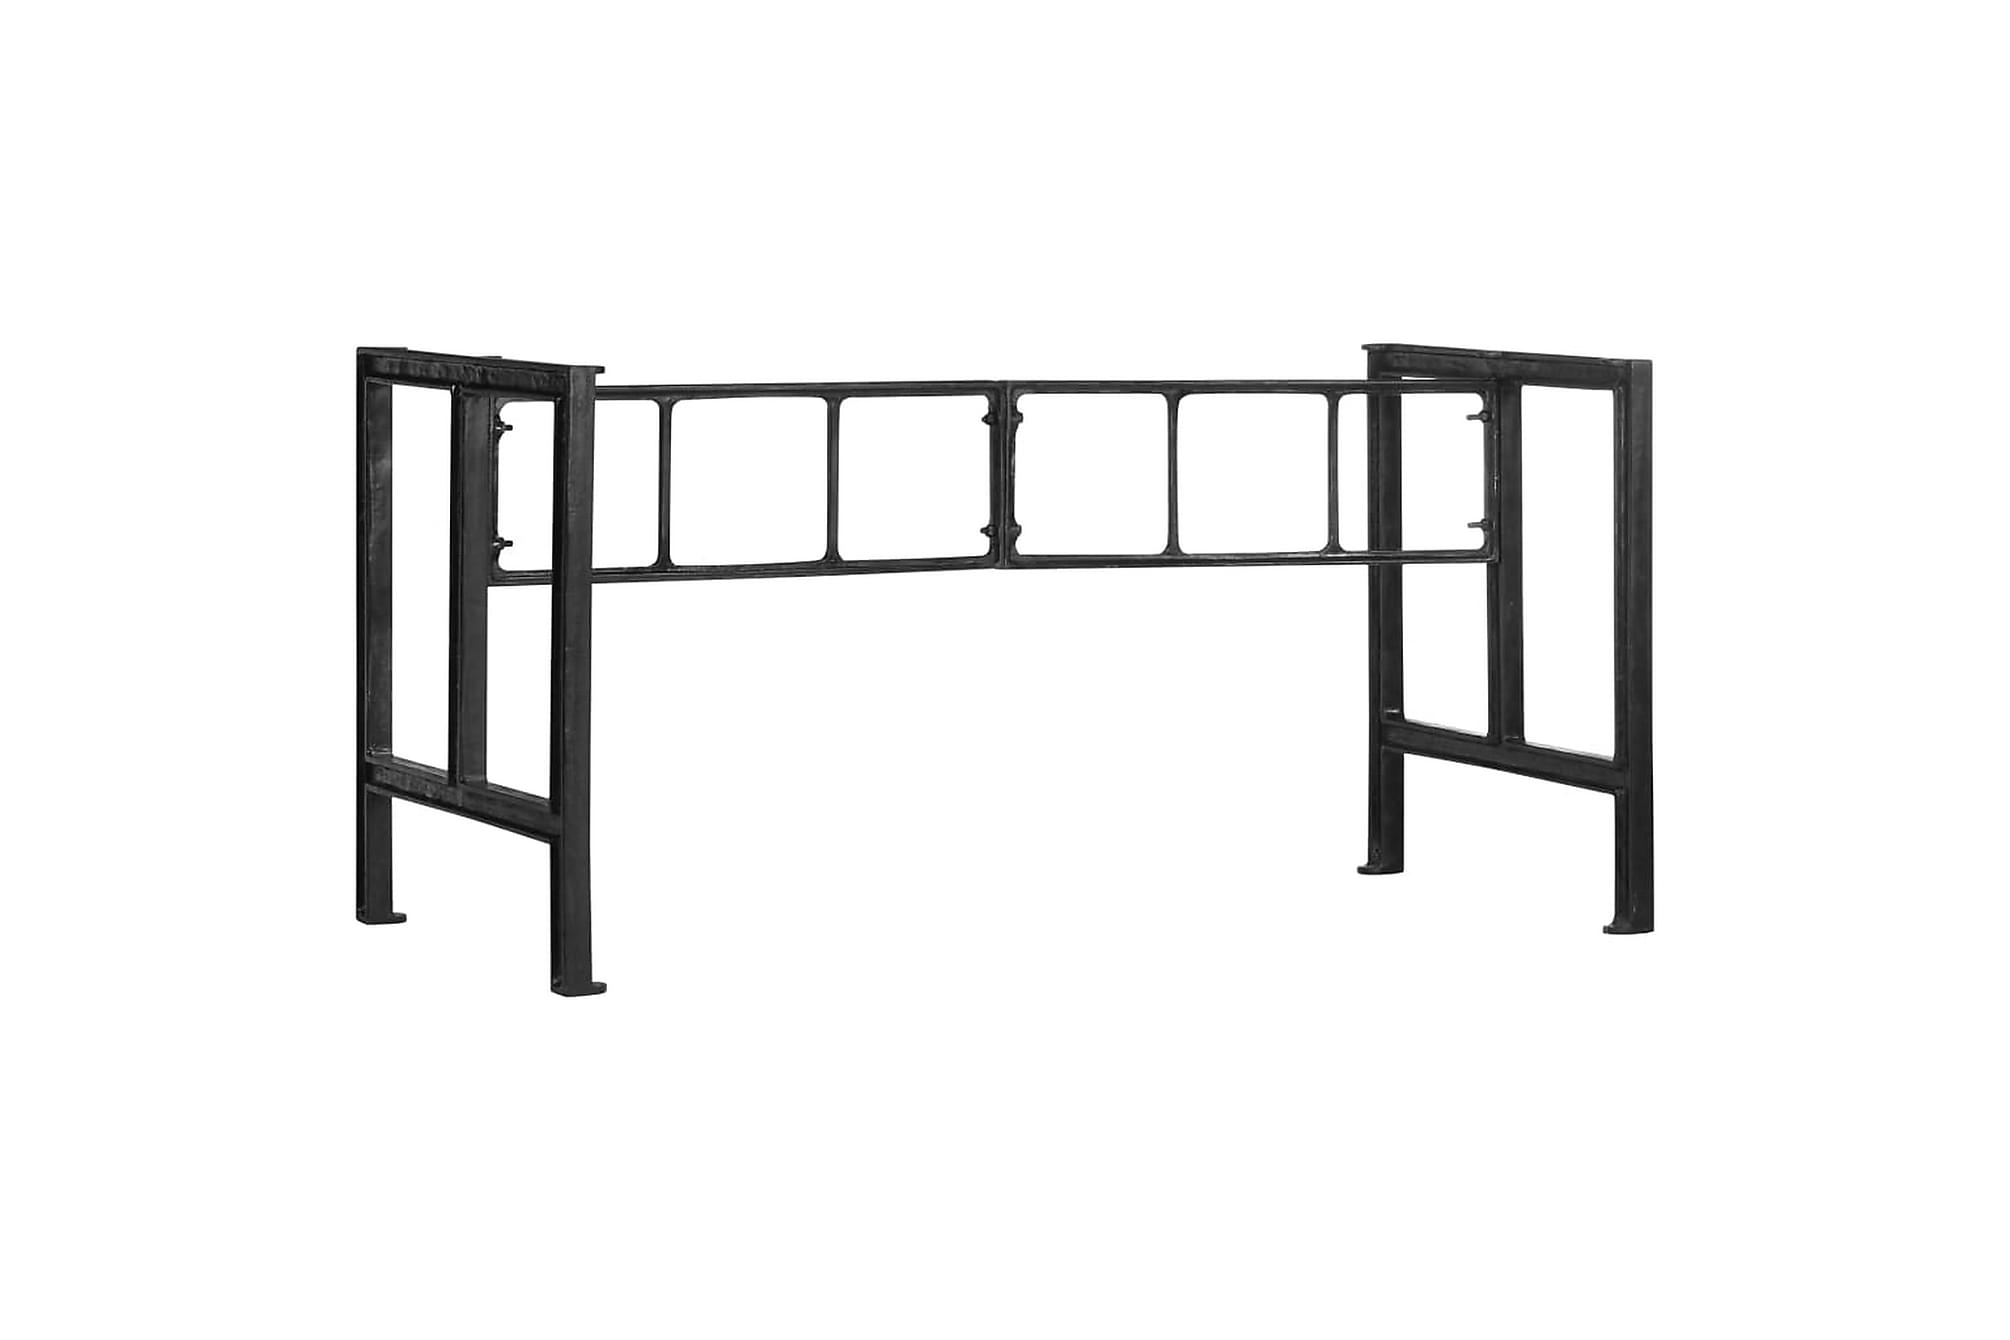 Bordsben för matbord 150x68x73 cm gjutjärn, Bord